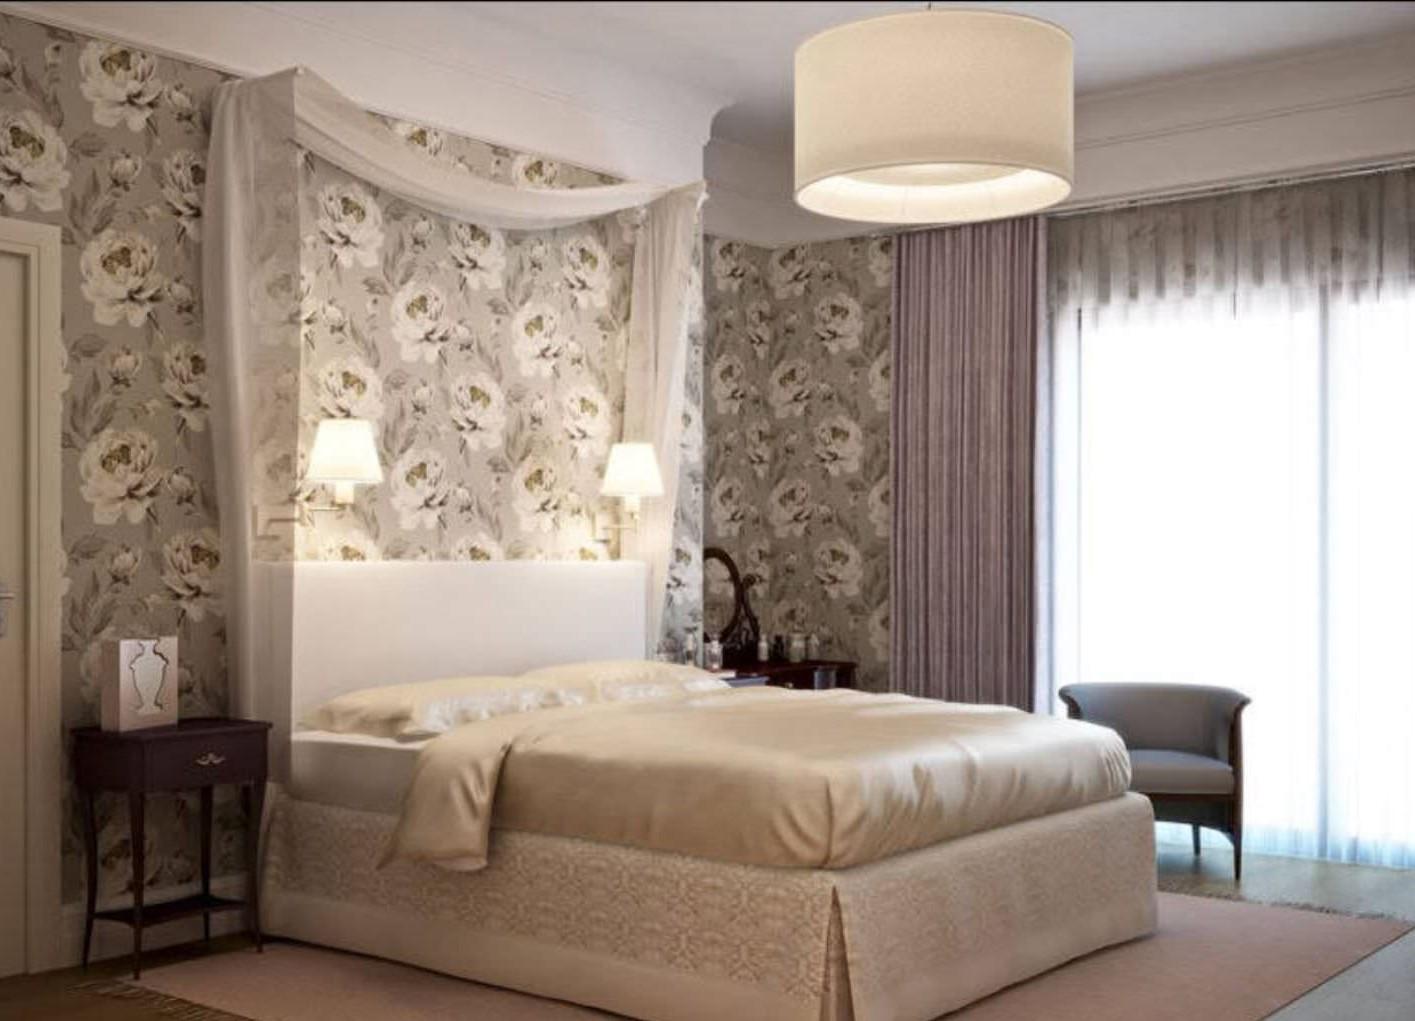 интерьер спальни обои фото в картинках для начала рабочей